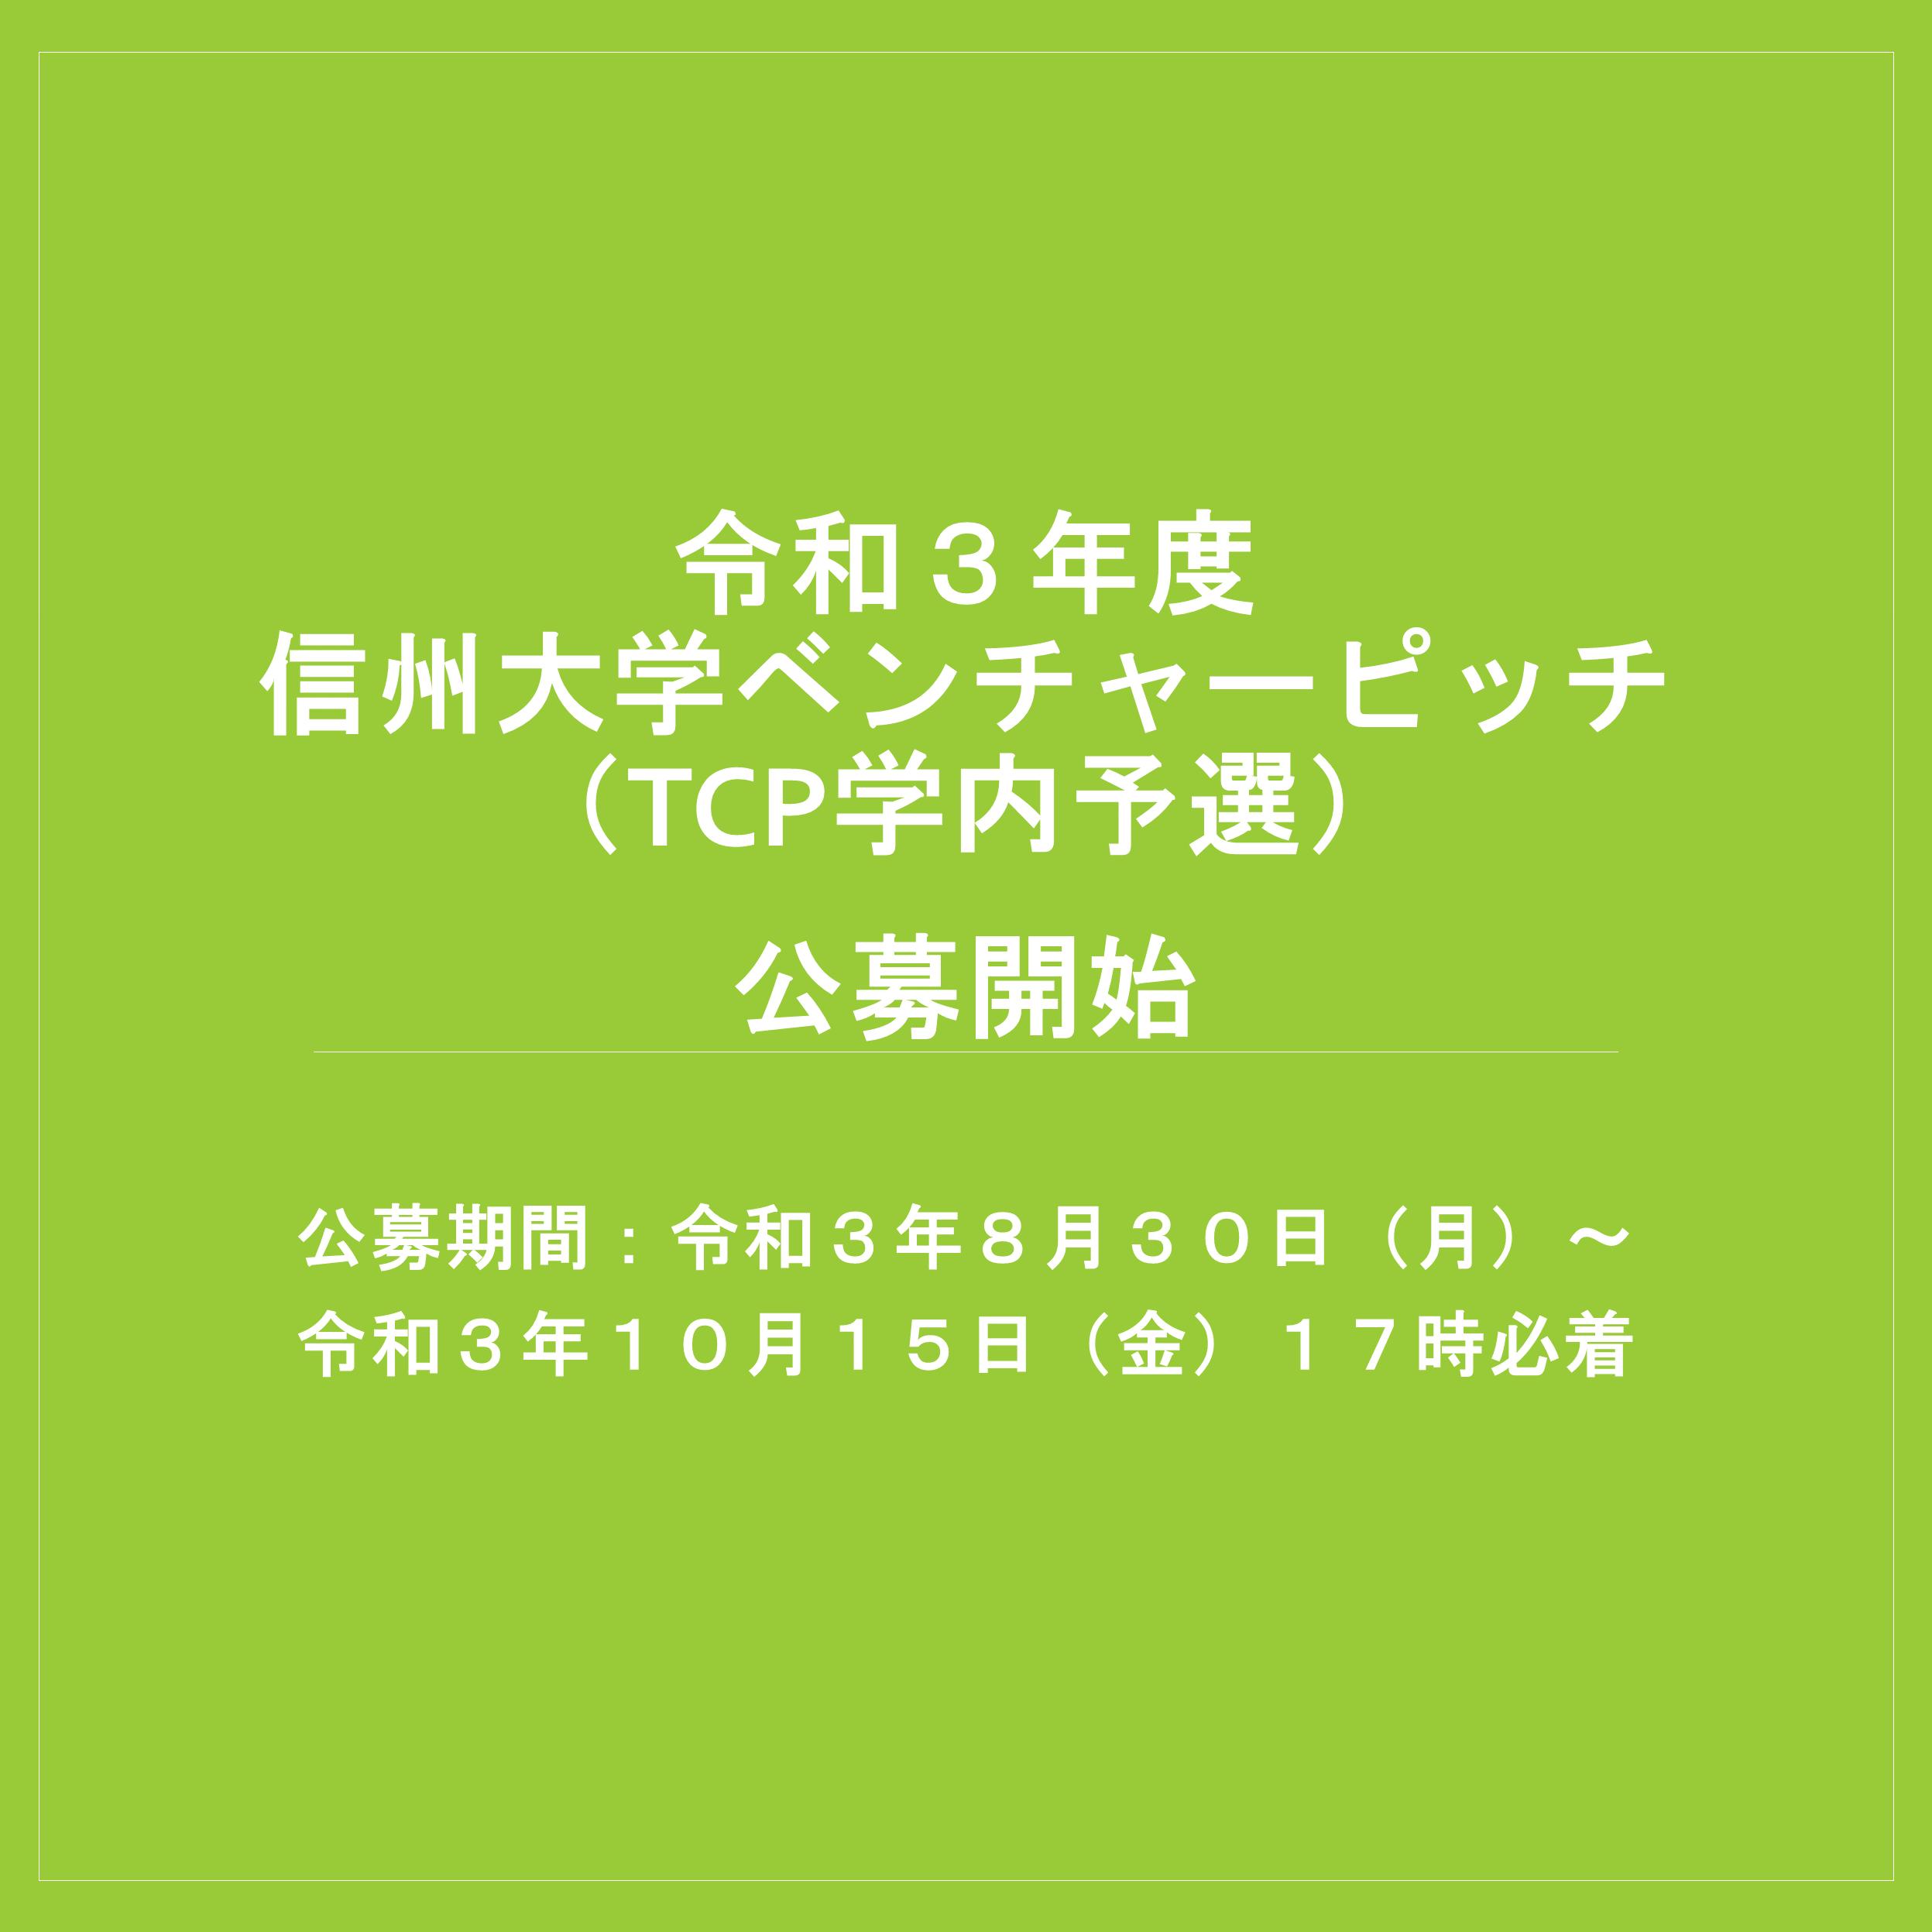 アイキャッチ画像:【公募】令和3年度 信州大学ベンチャーピッチ(TCP学内予選)